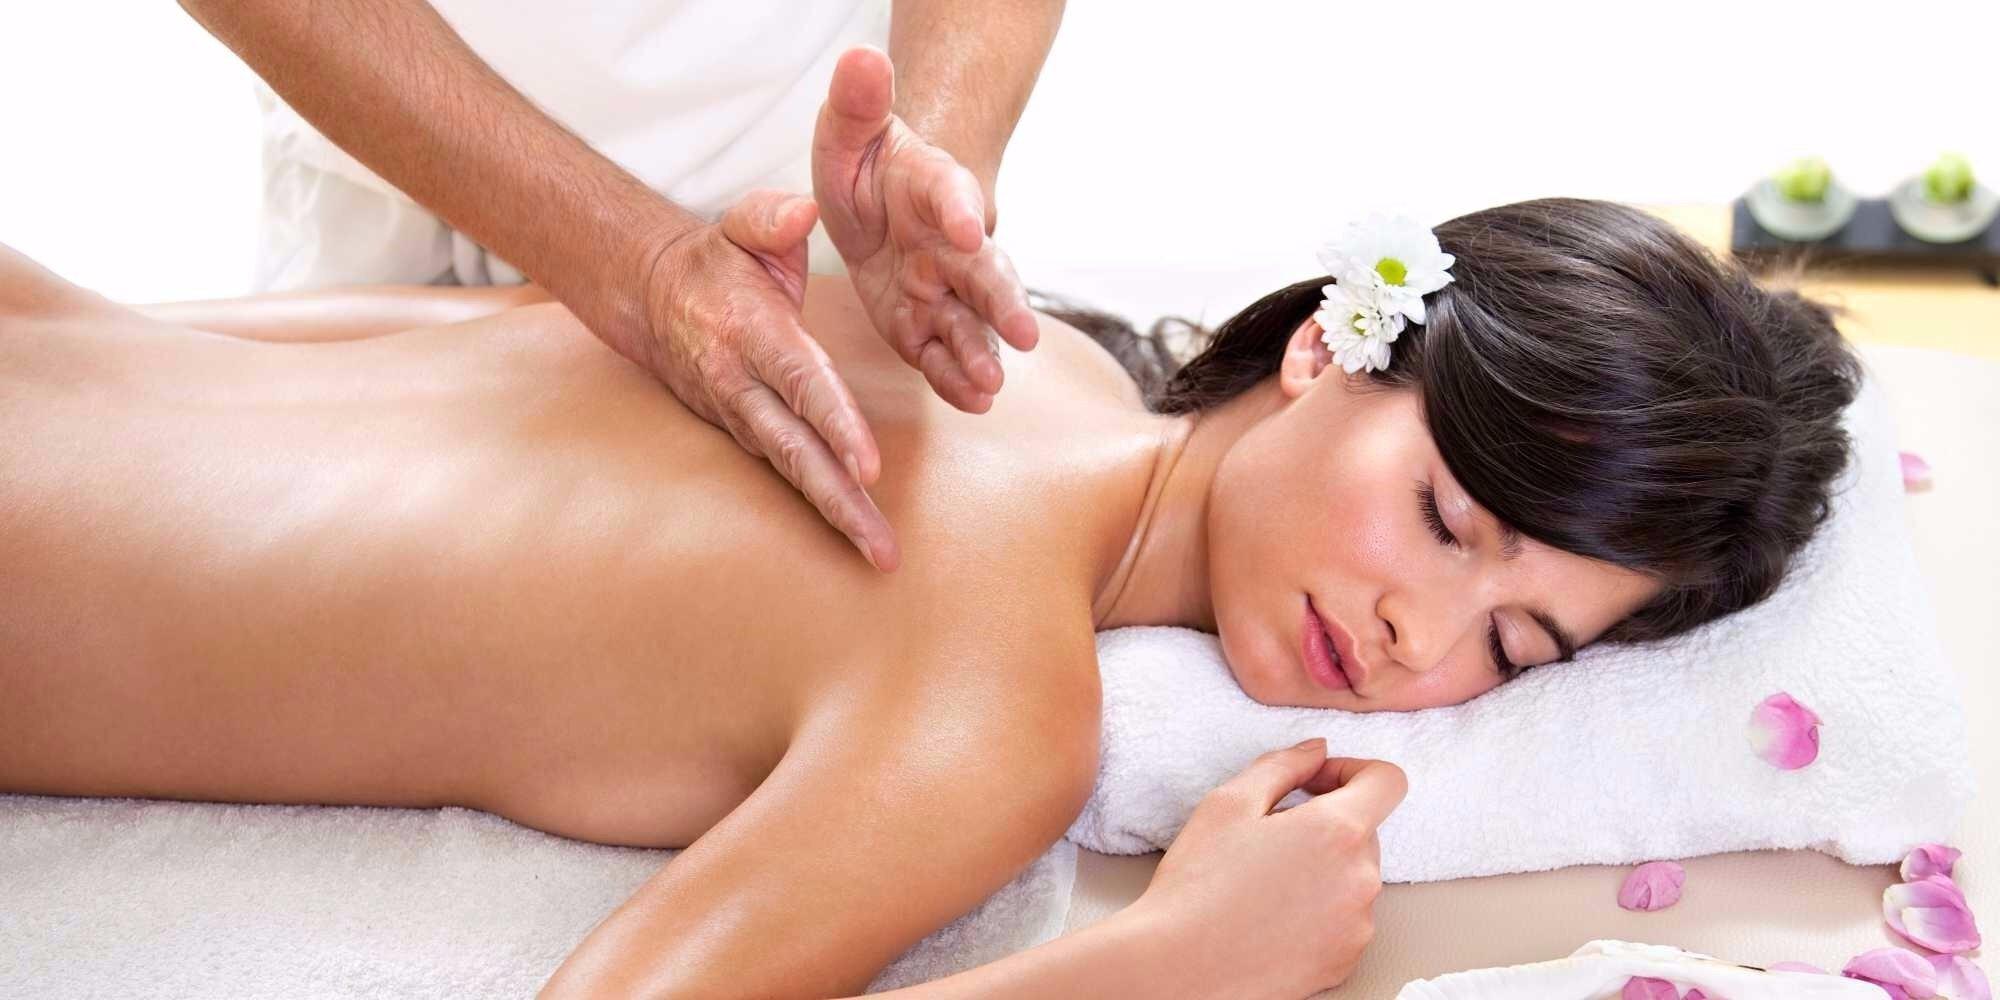 seks-massazh-devushke-delali-massazh